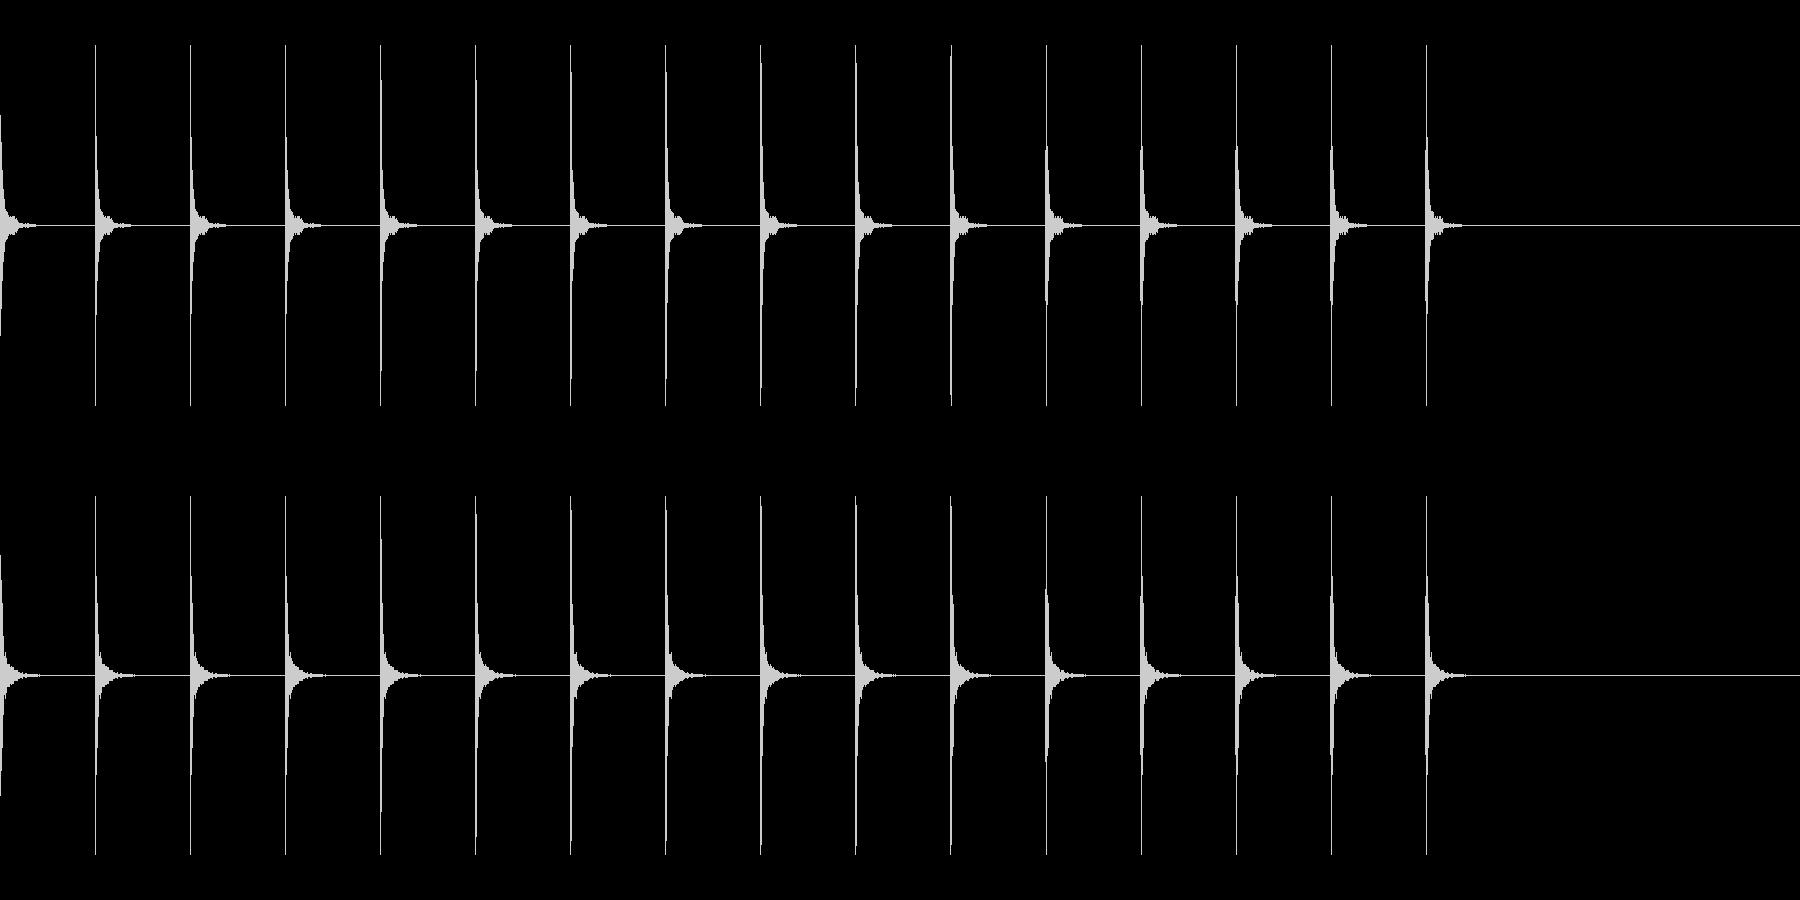 木製メトロノームBPM120 カチカチの未再生の波形